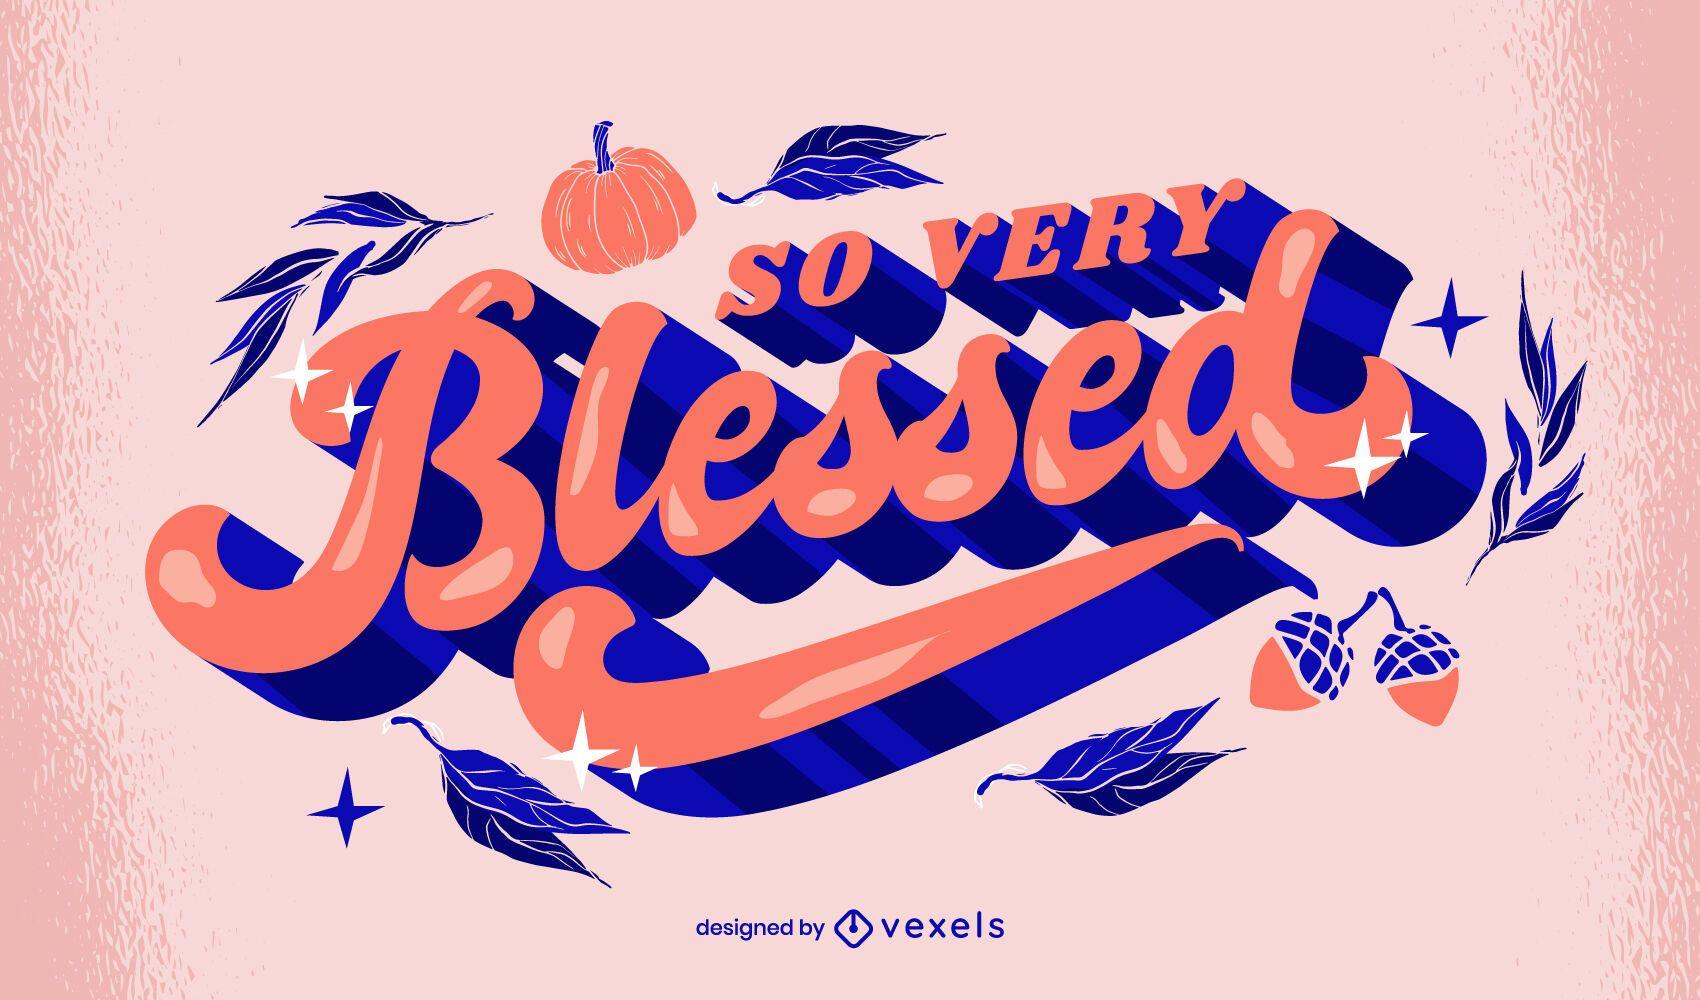 Thanksgiving Blessed Lettering Design